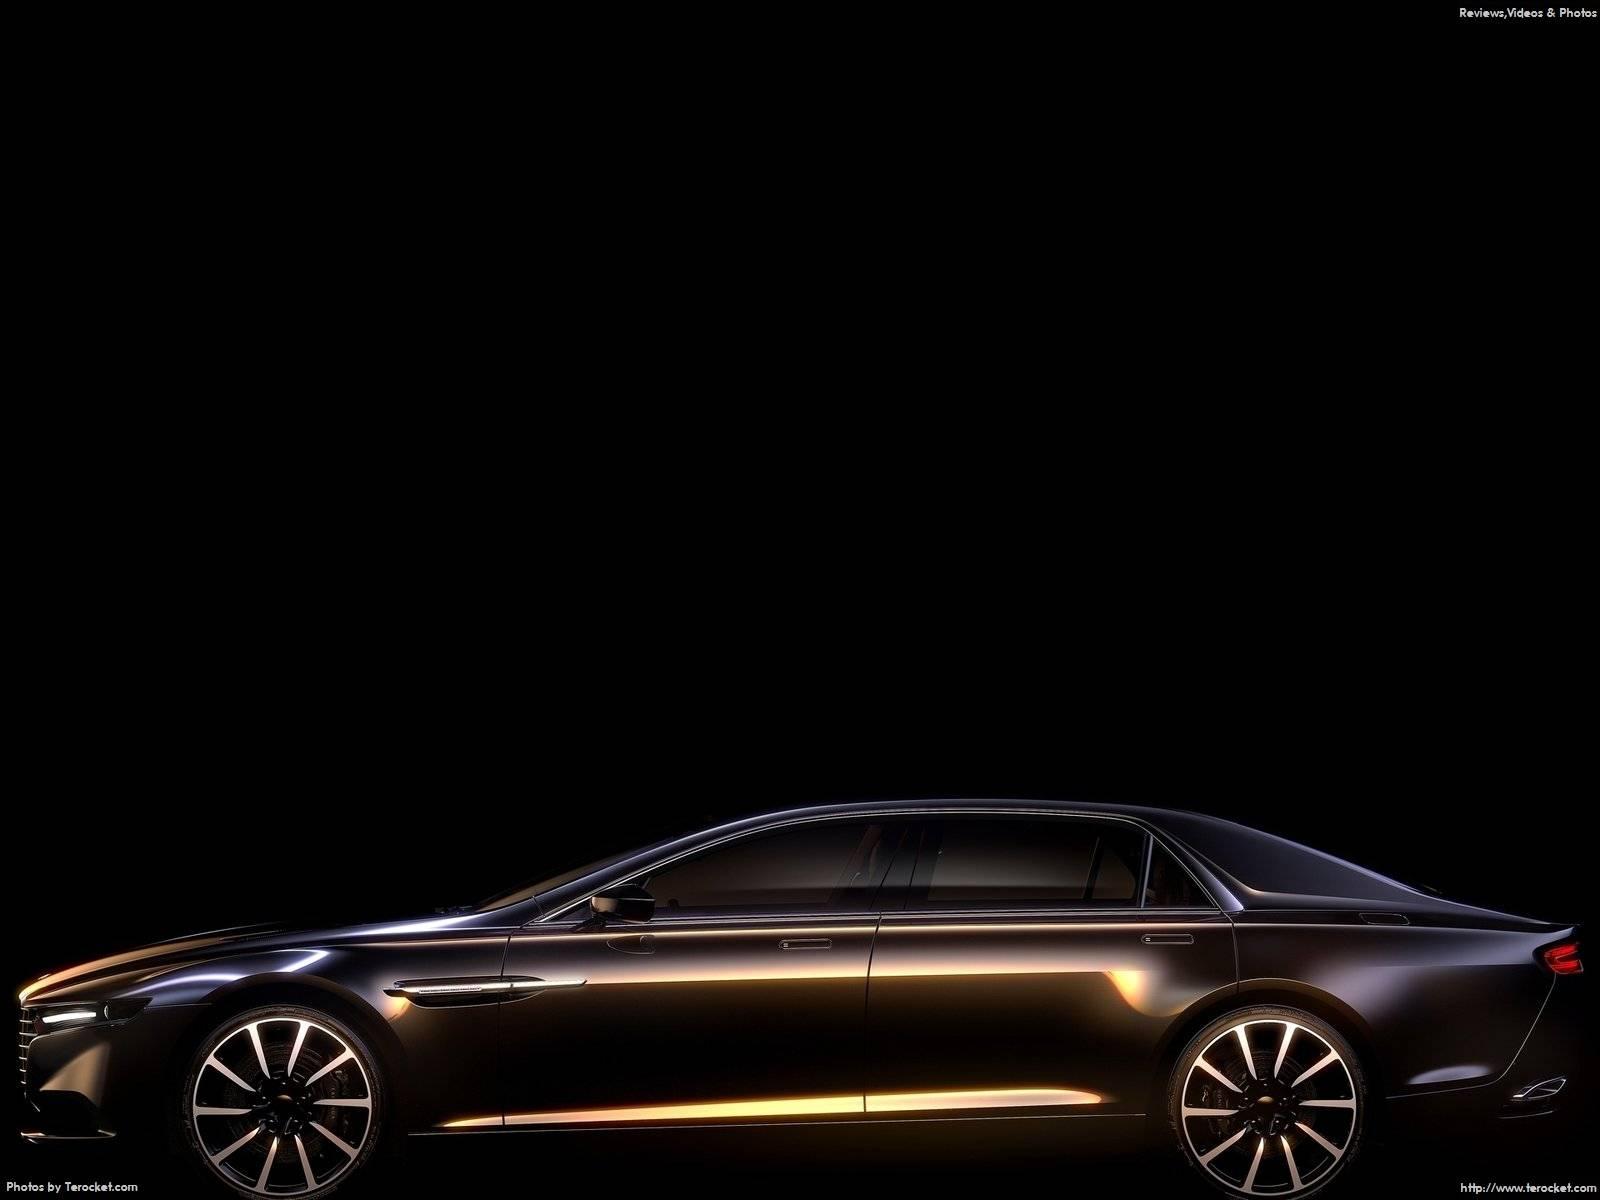 Hình ảnh xe ô tô Aston Martin Lagonda 2016 & nội ngoại thất